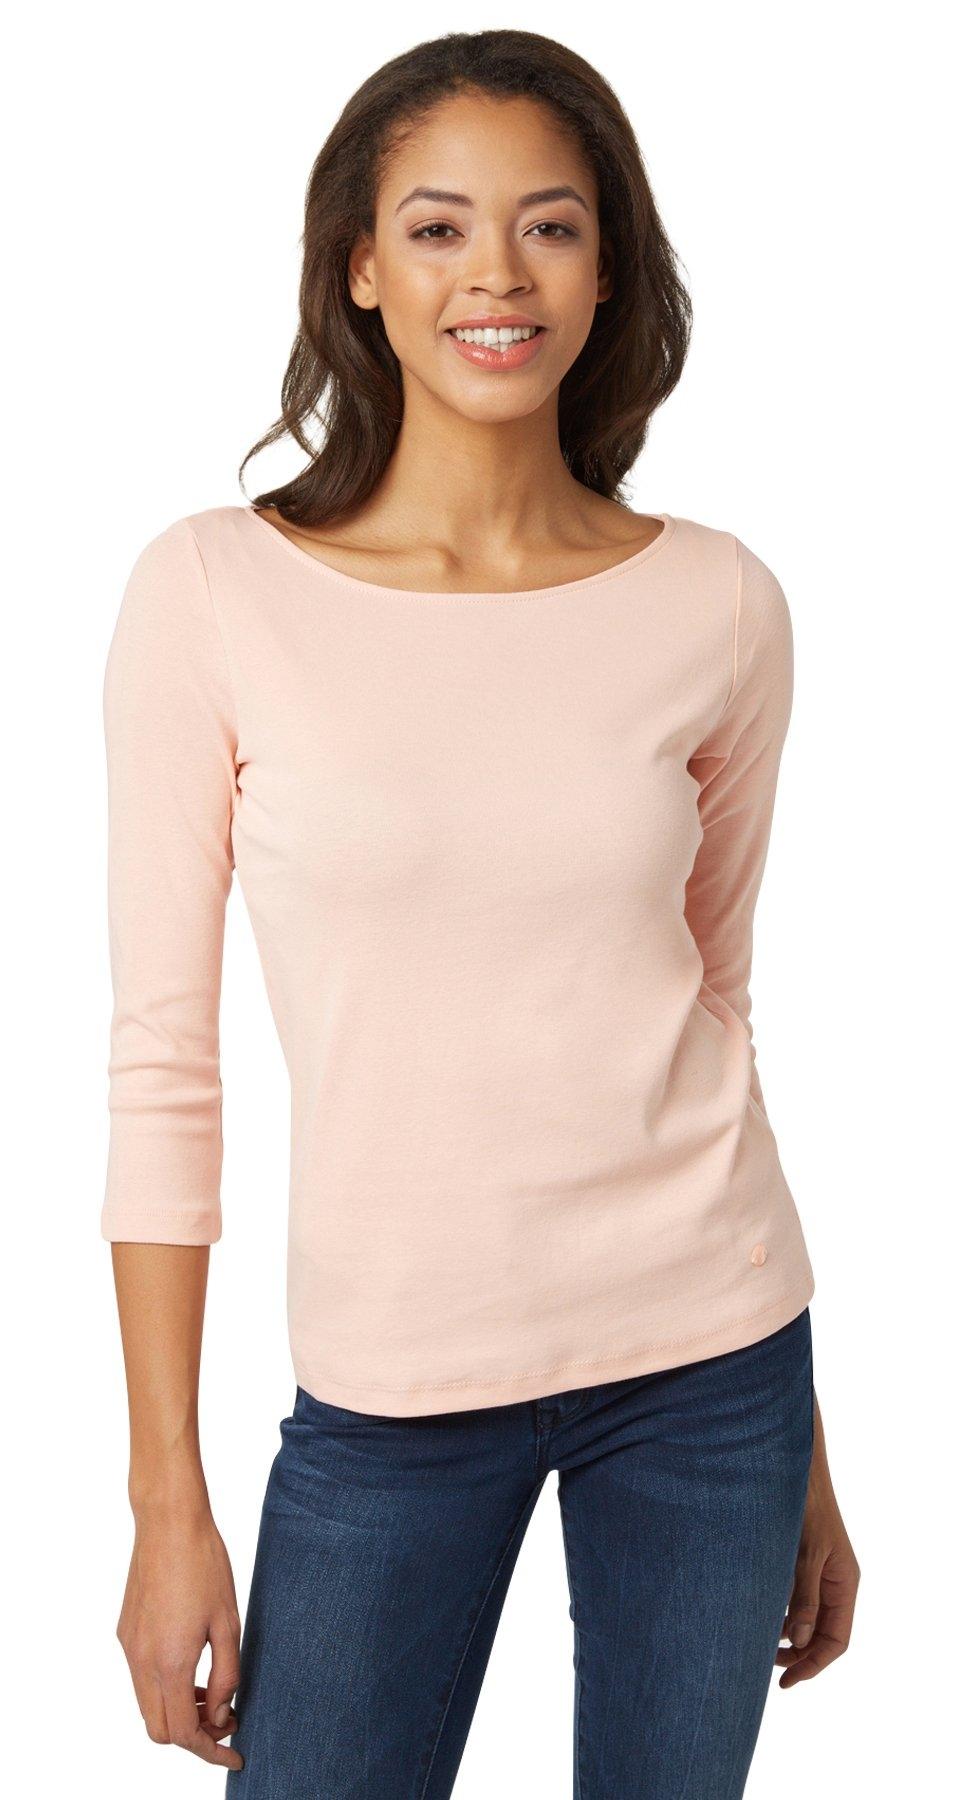 TOM TAILOR T-shirt »shirt met driekwartmouwen« veilig op otto.nl kopen